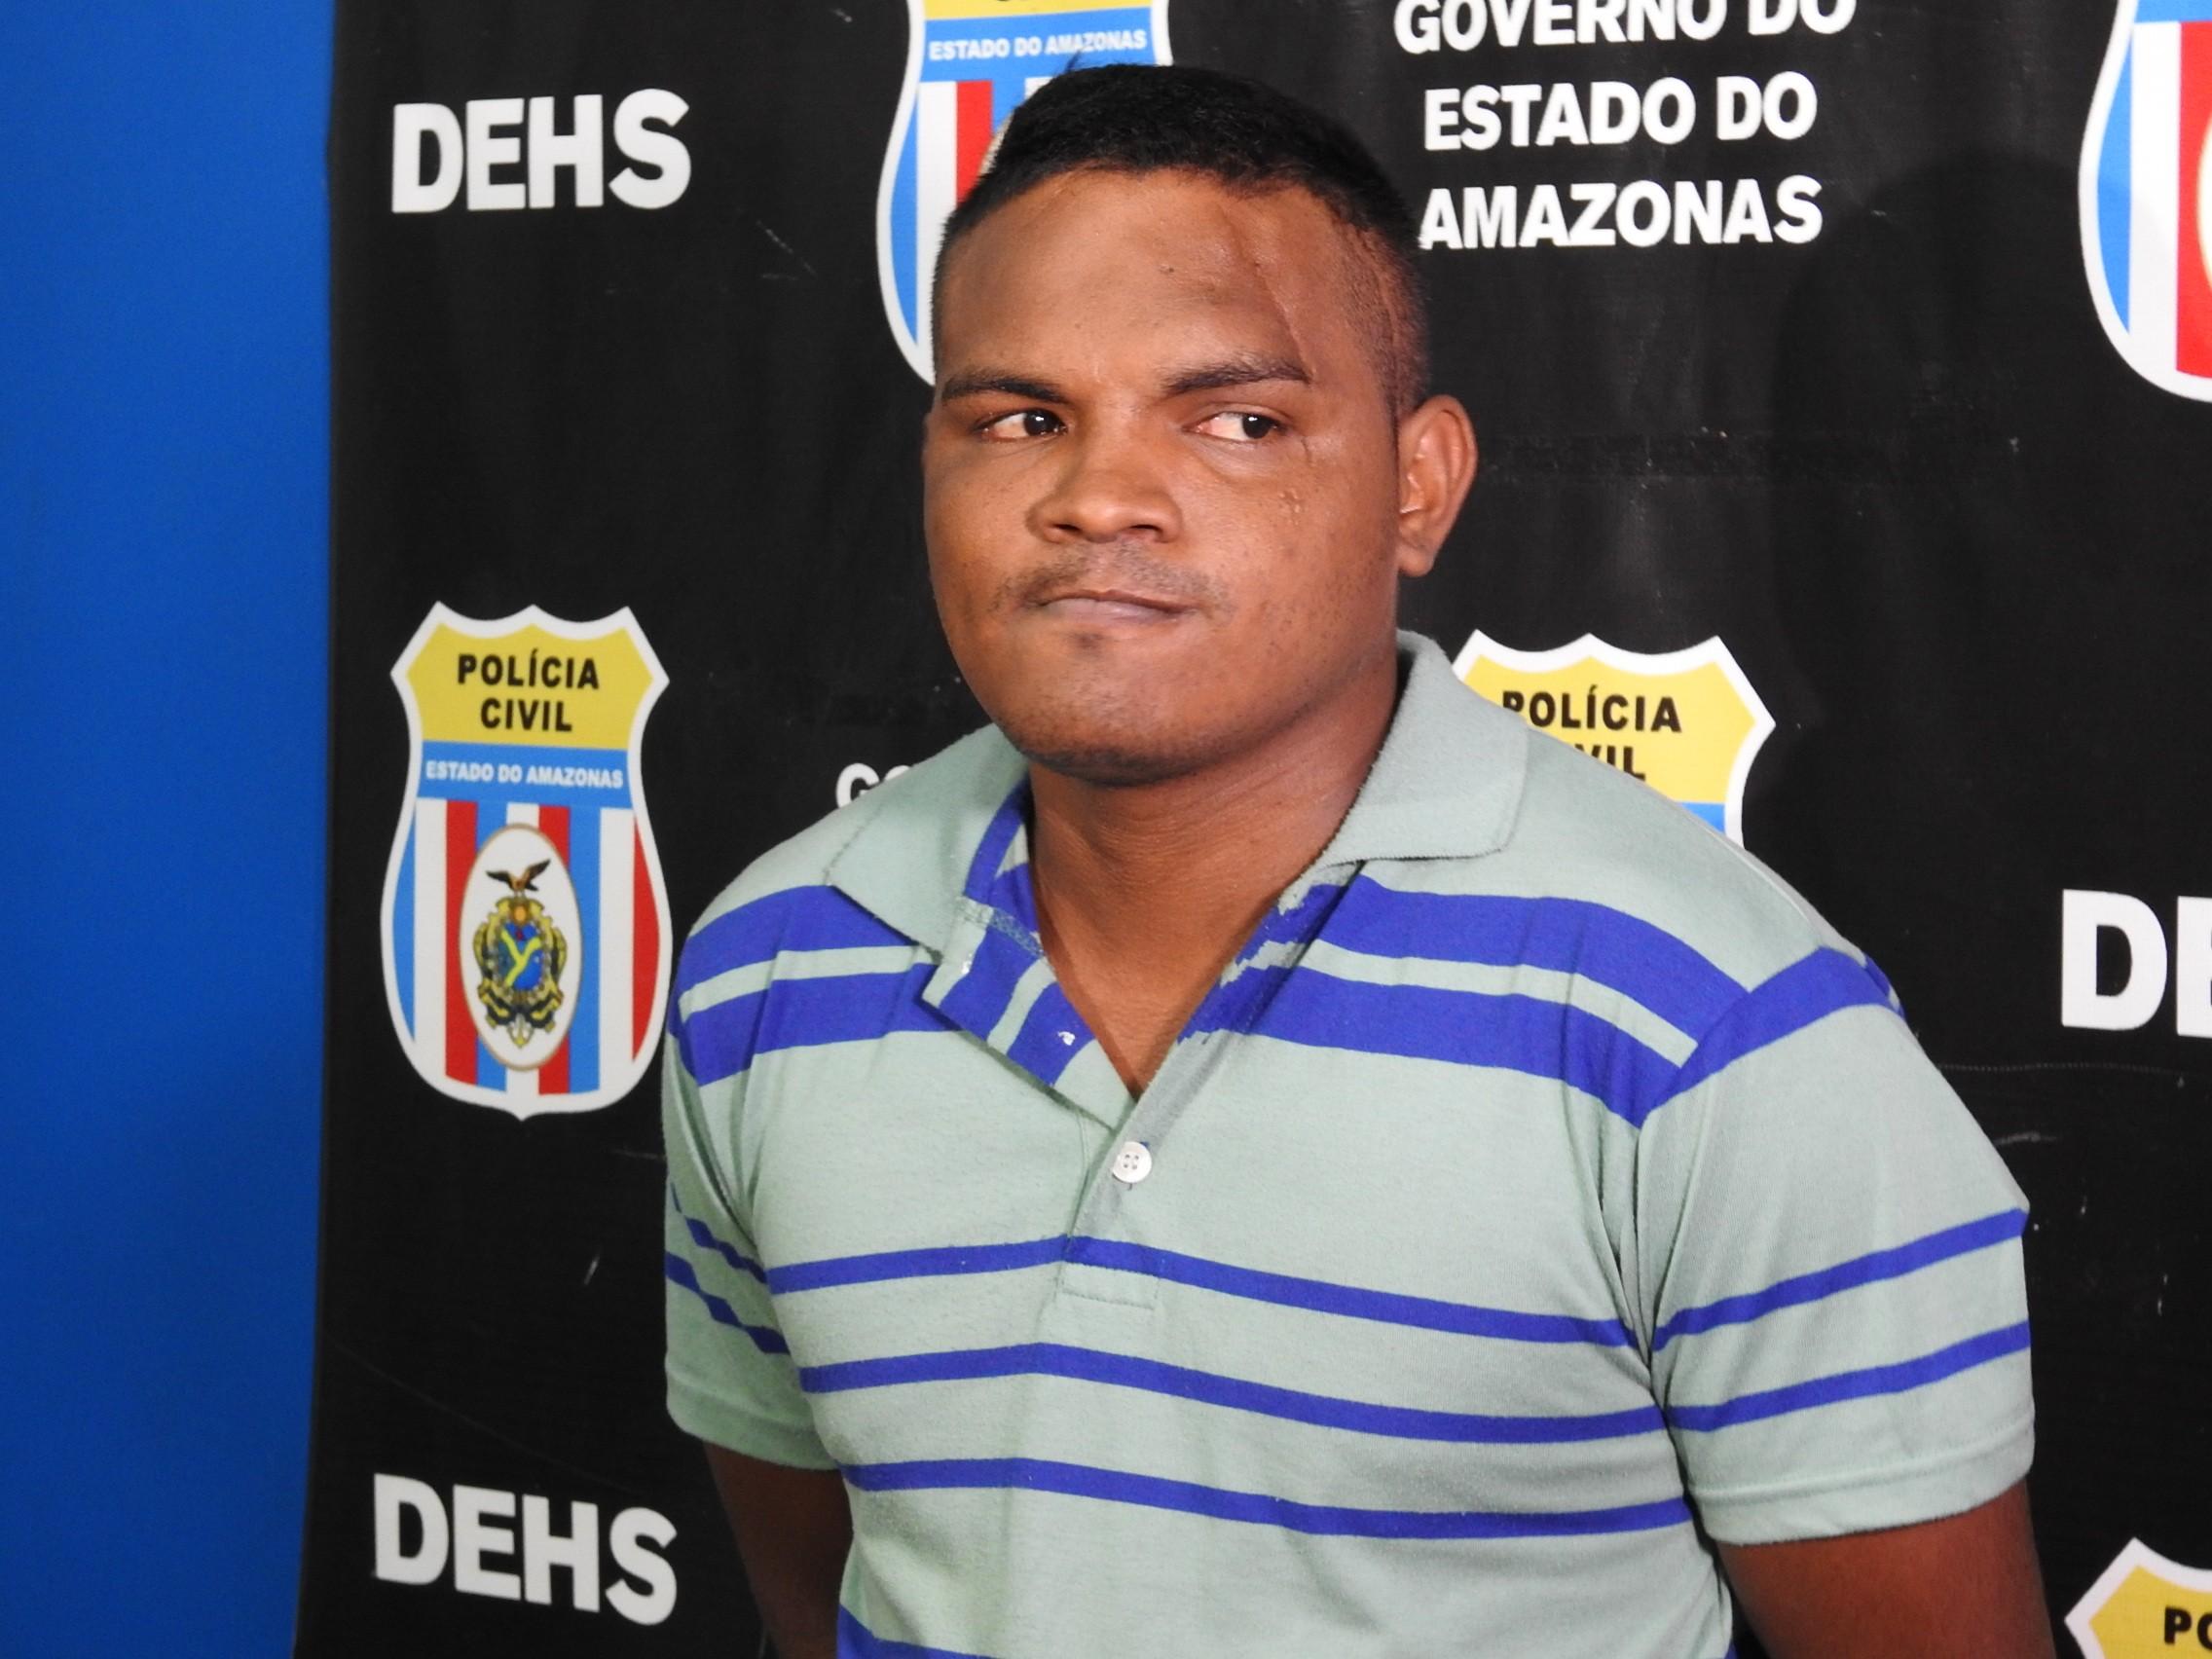 Suspeito de matar amigo com facada após briga por drogas é preso em Manaus